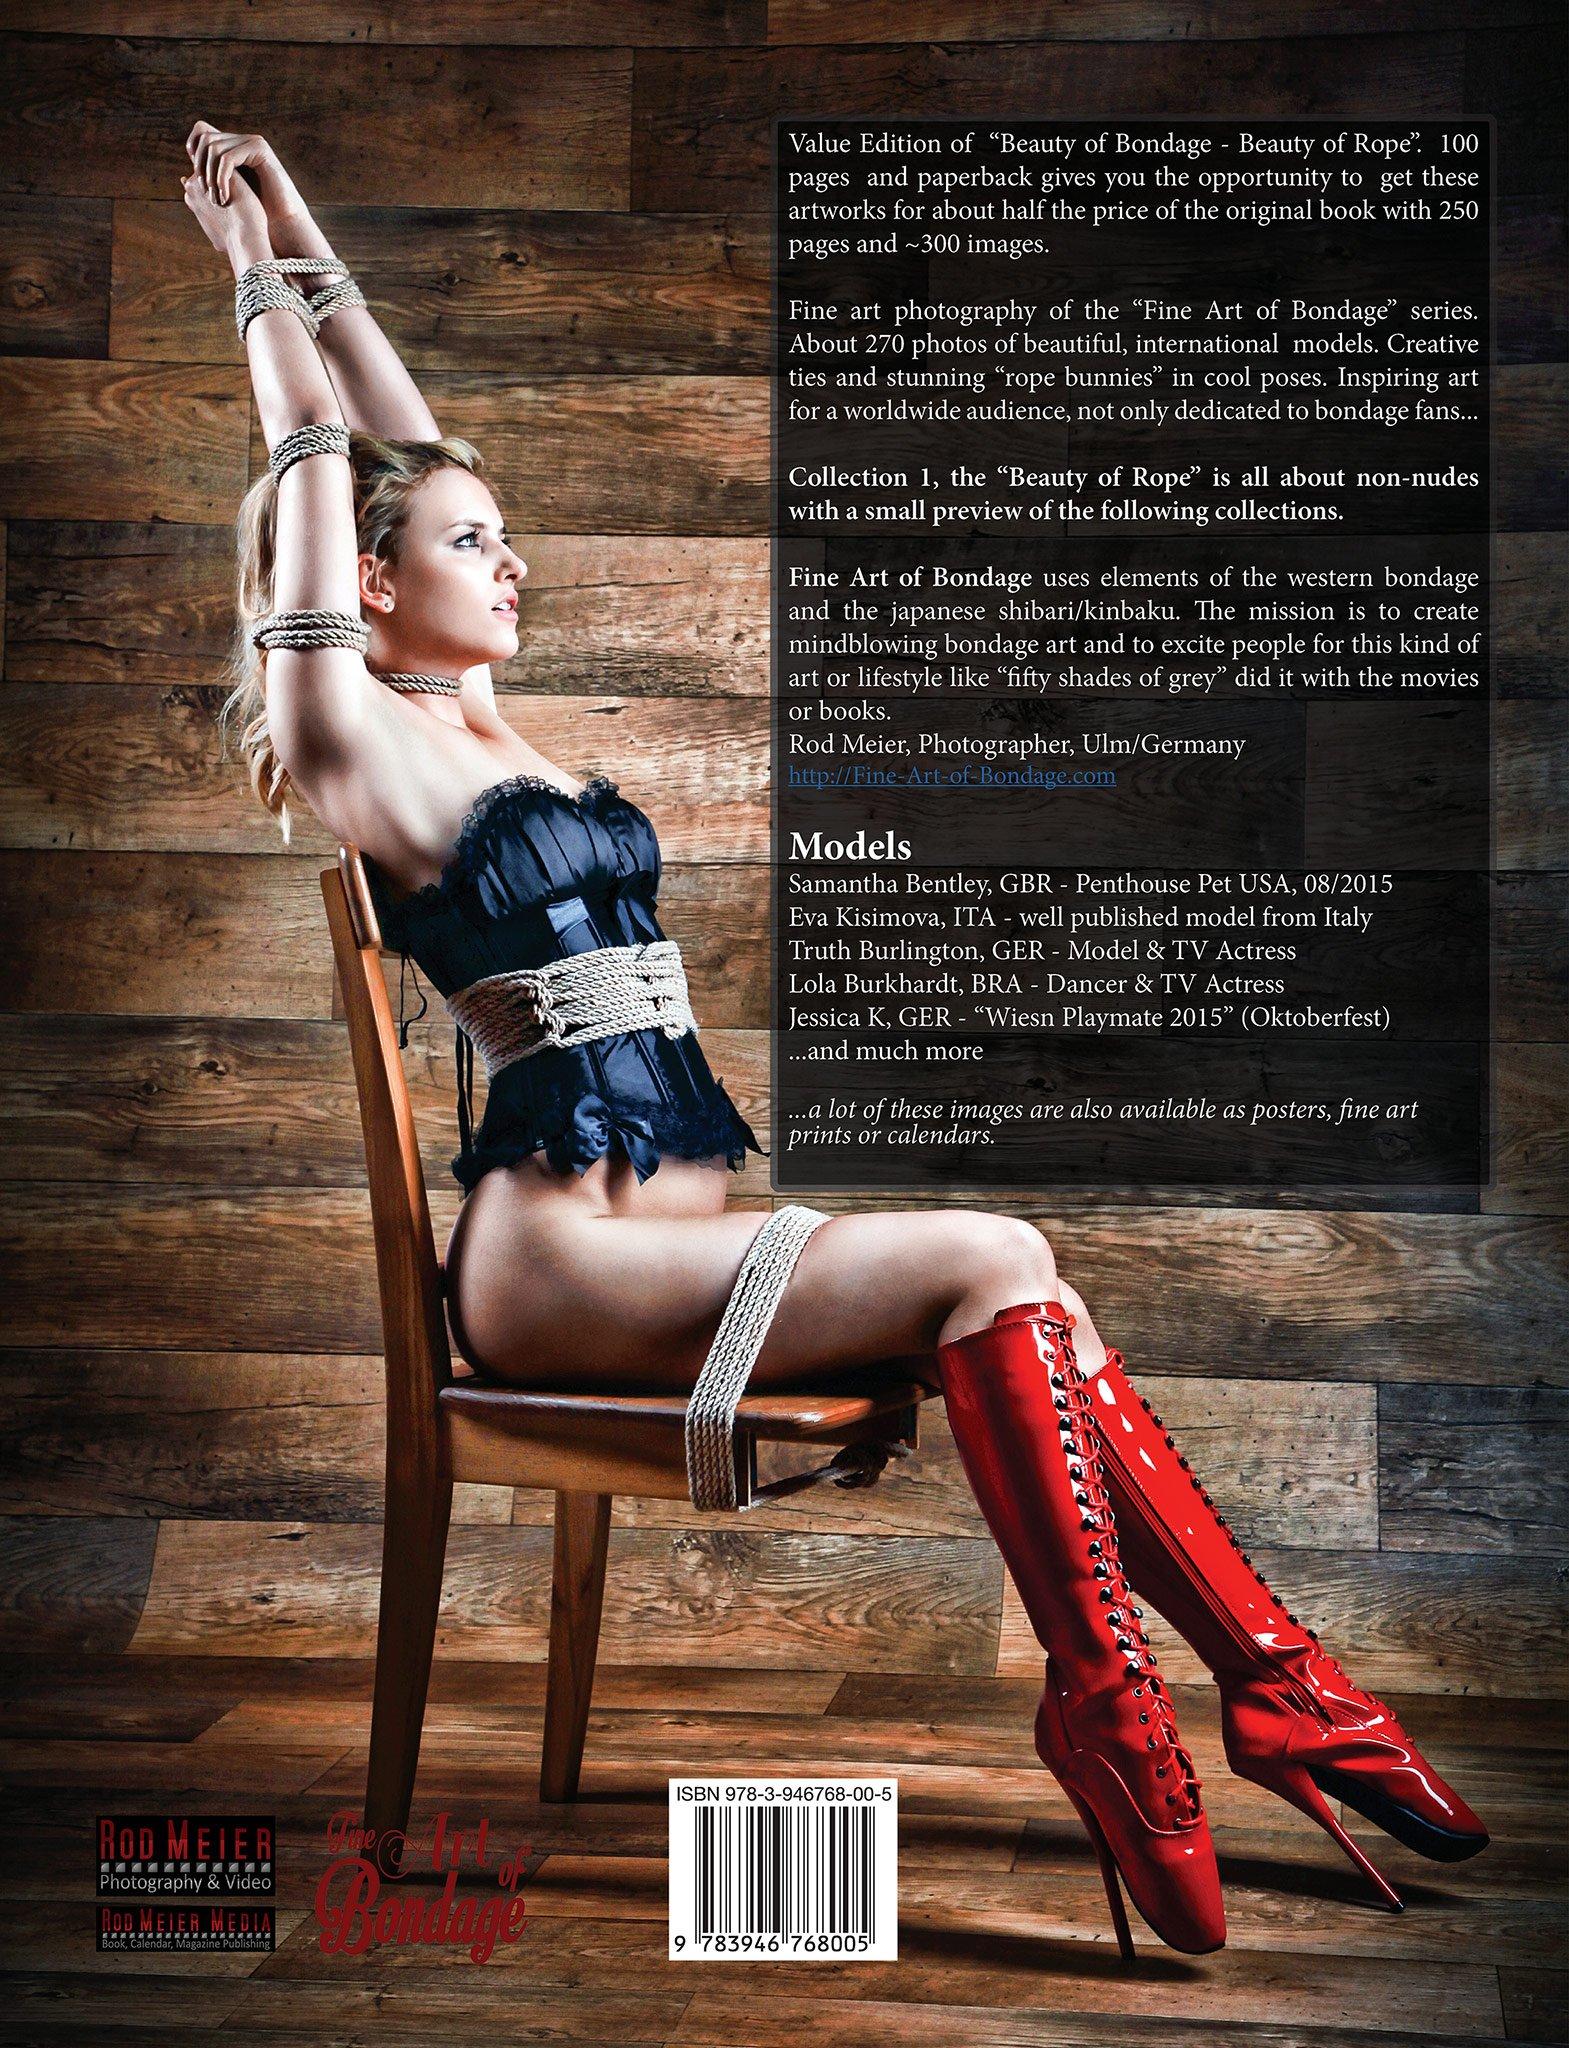 japanese bondage 1 Amazon.com: Fine Art of Bondage: Beauty of Rope - Value Edition  (9783946768005): Rod Meier: Books